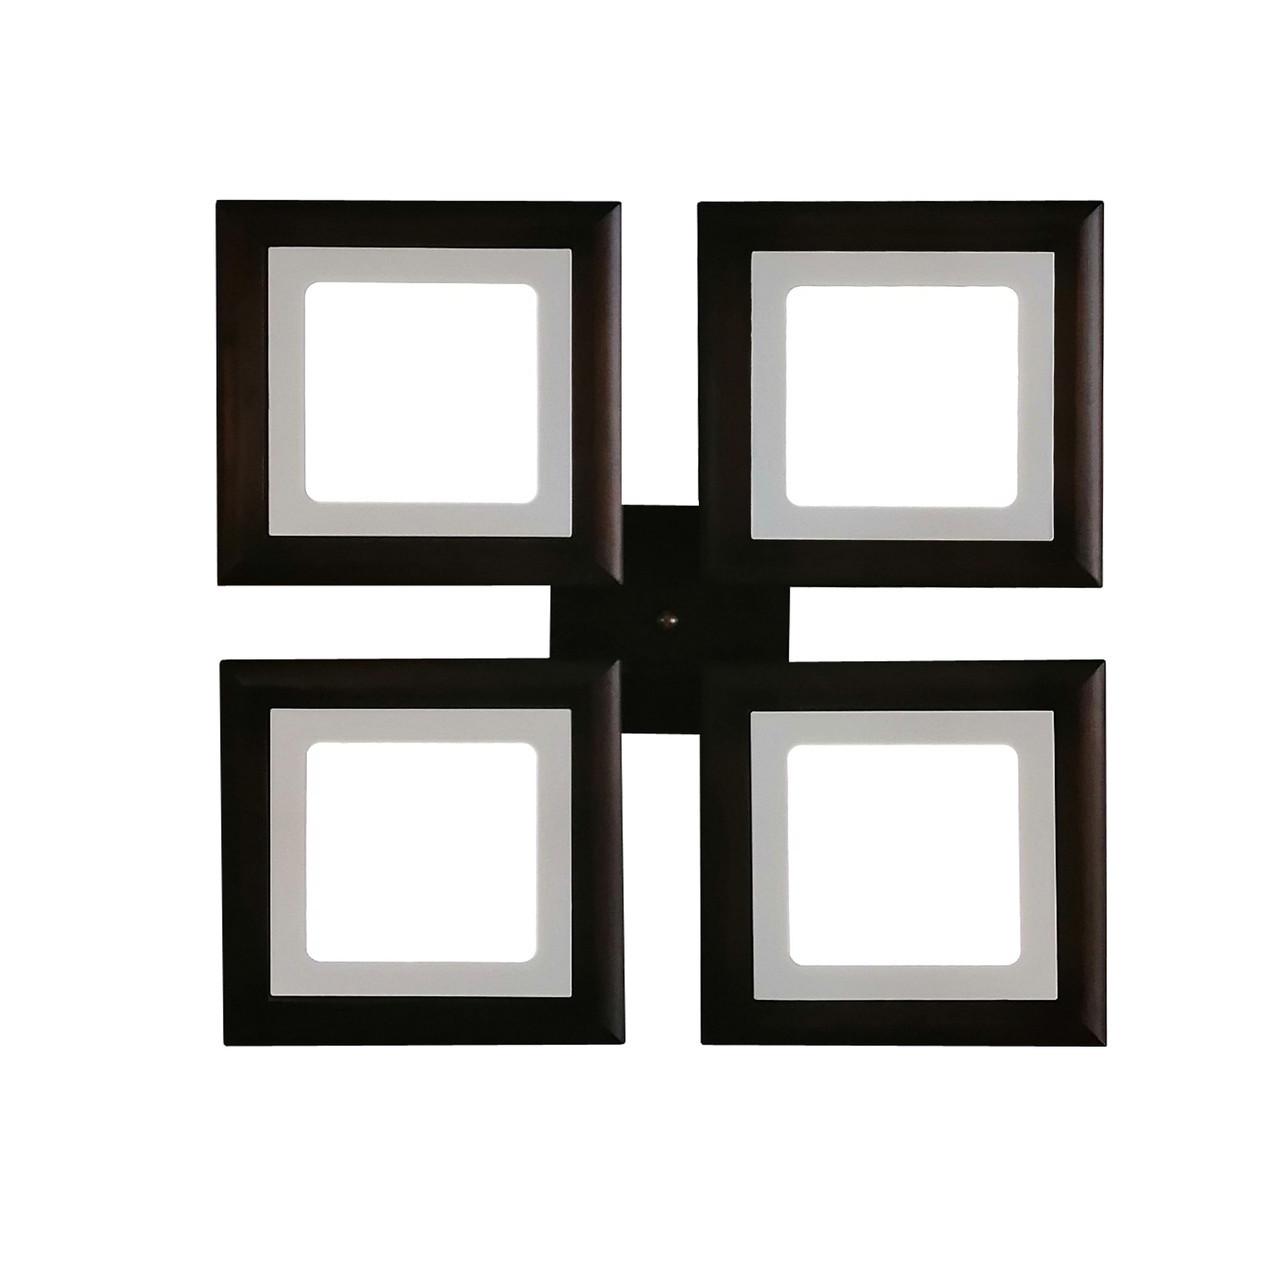 Потолочный светильник из дерева, квадратная форма, на 4 led панели  по 12 Вт. цвет темное дерево